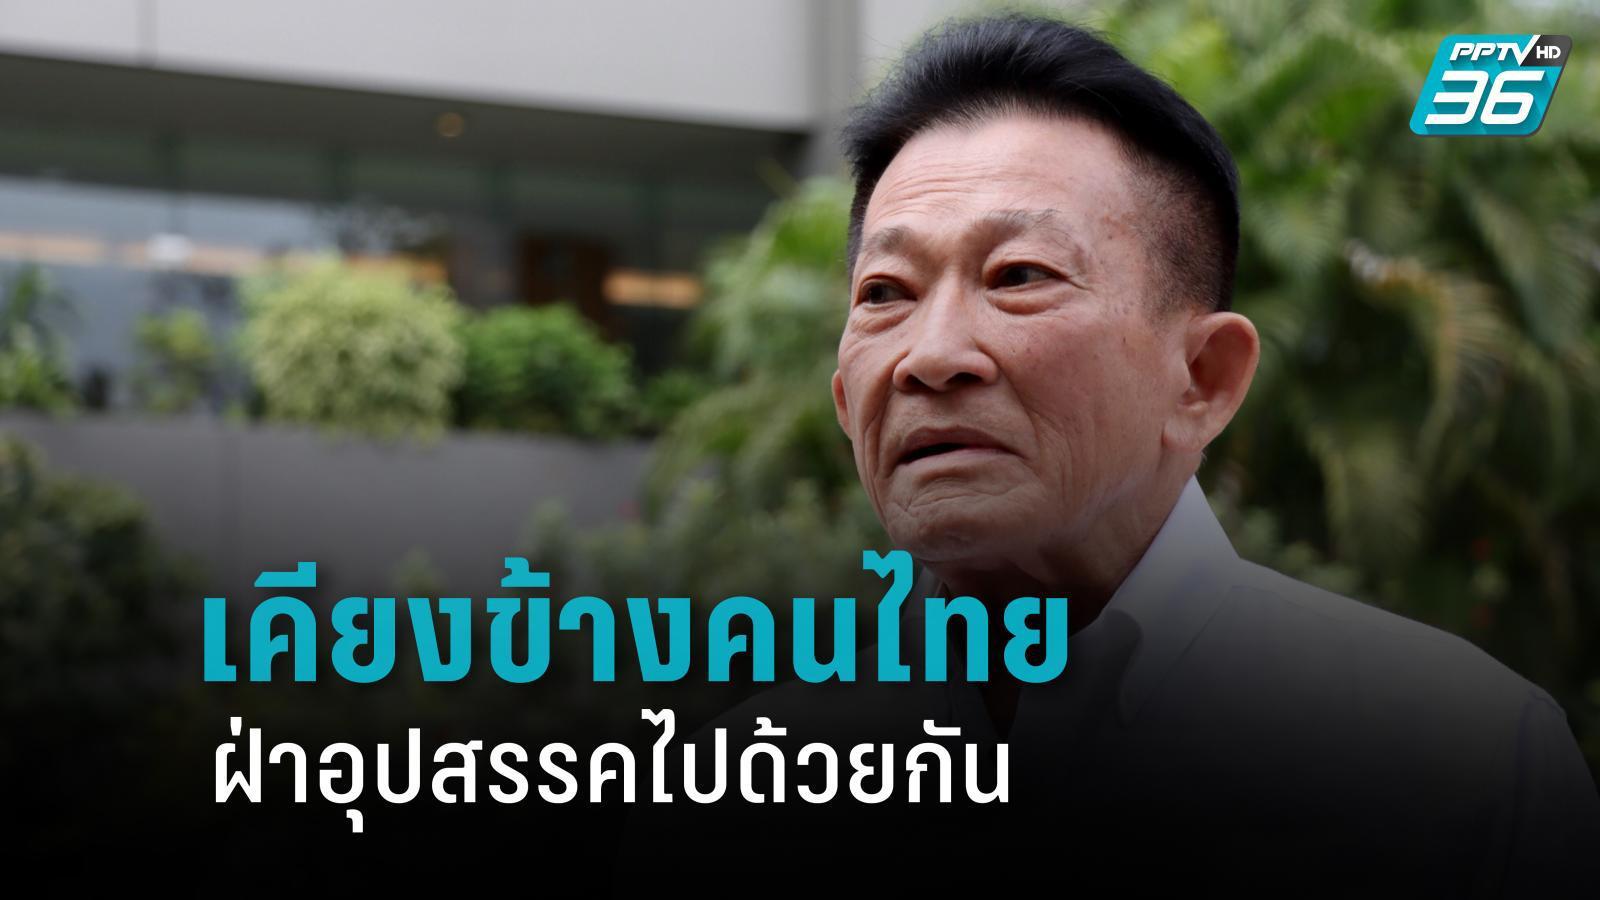 """""""เพื่อไทย"""" มั่นใจ ปี 64 คนไทยร่วมฟันฝ่าอุปสรรคไปด้วยกัน"""